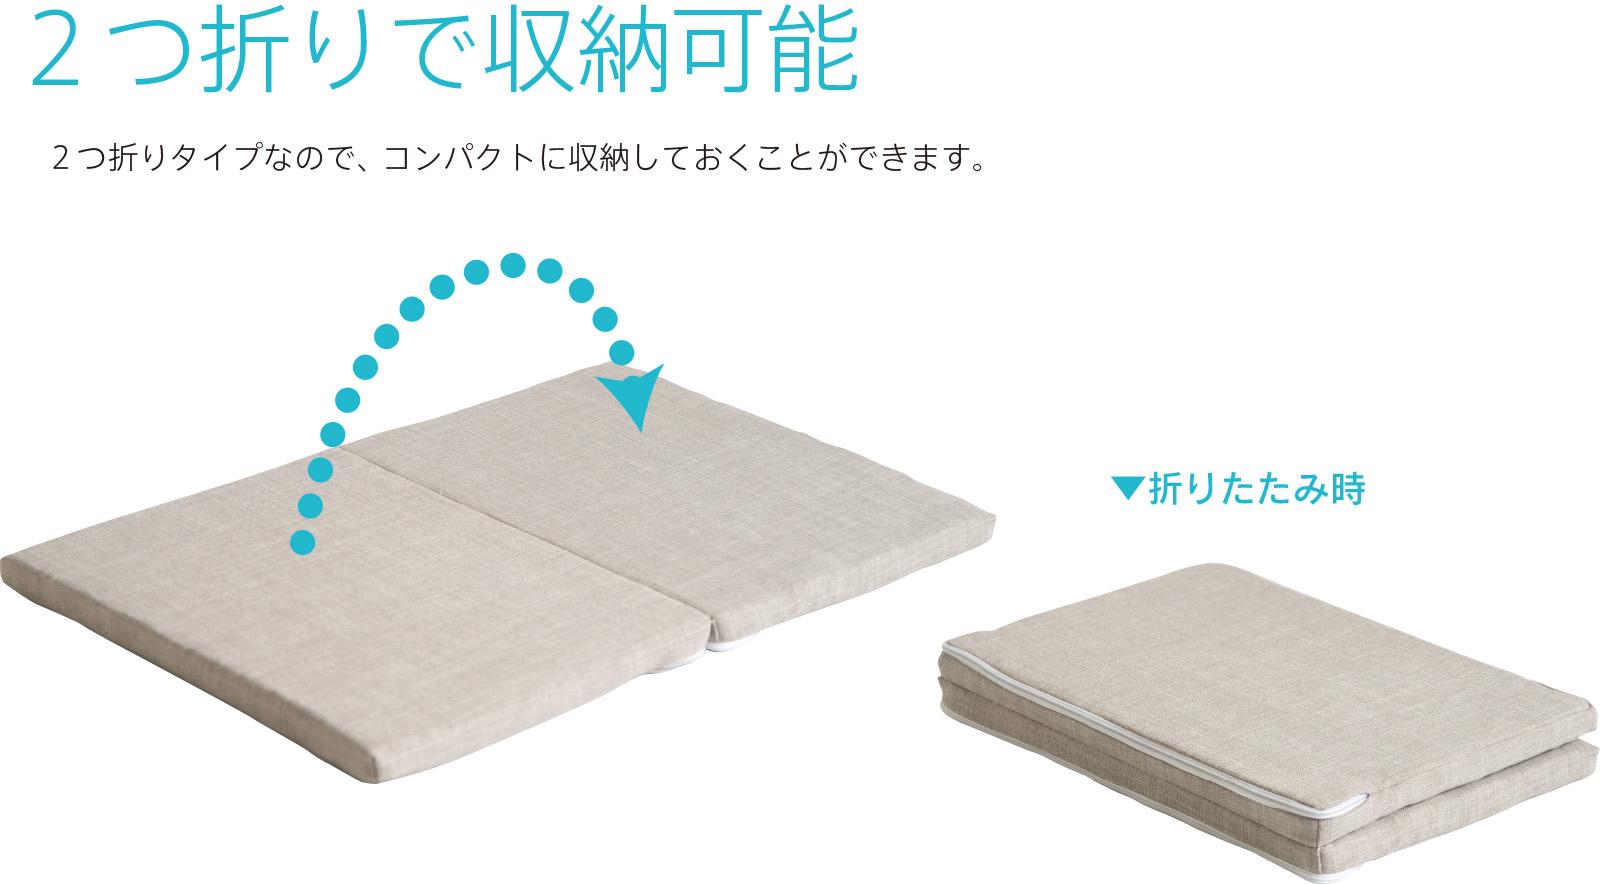 「おひるね 2つ折り高反発マットレス【M】(1200×600×30)エアクール」